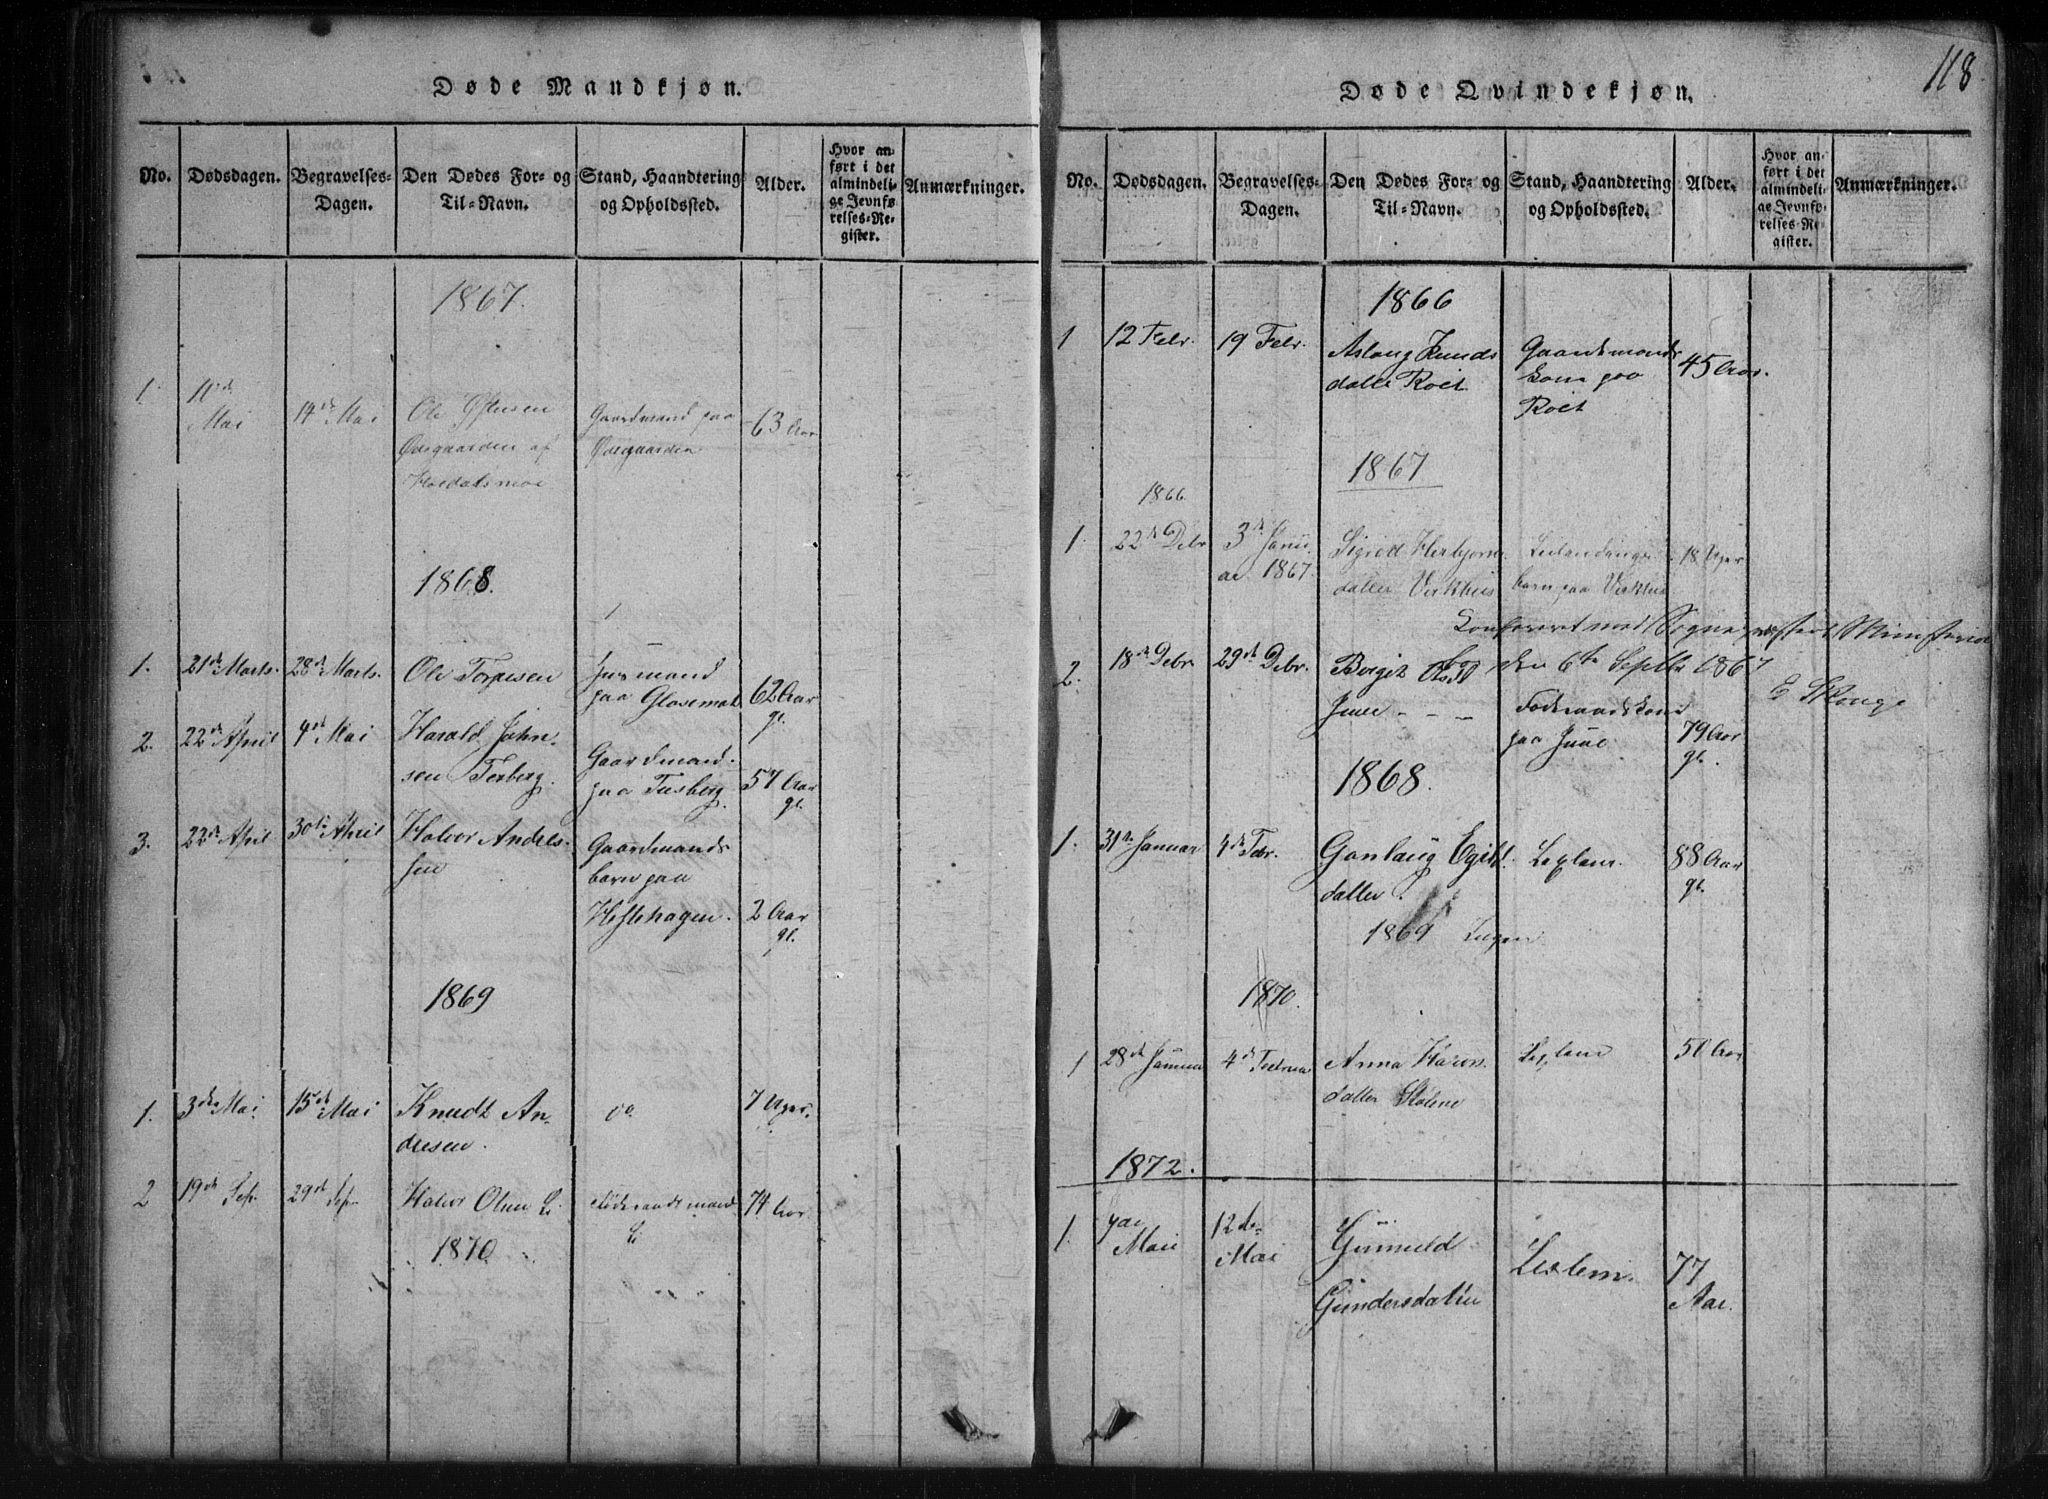 SAKO, Rauland kirkebøker, G/Gb/L0001: Klokkerbok nr. II 1, 1815-1886, s. 118